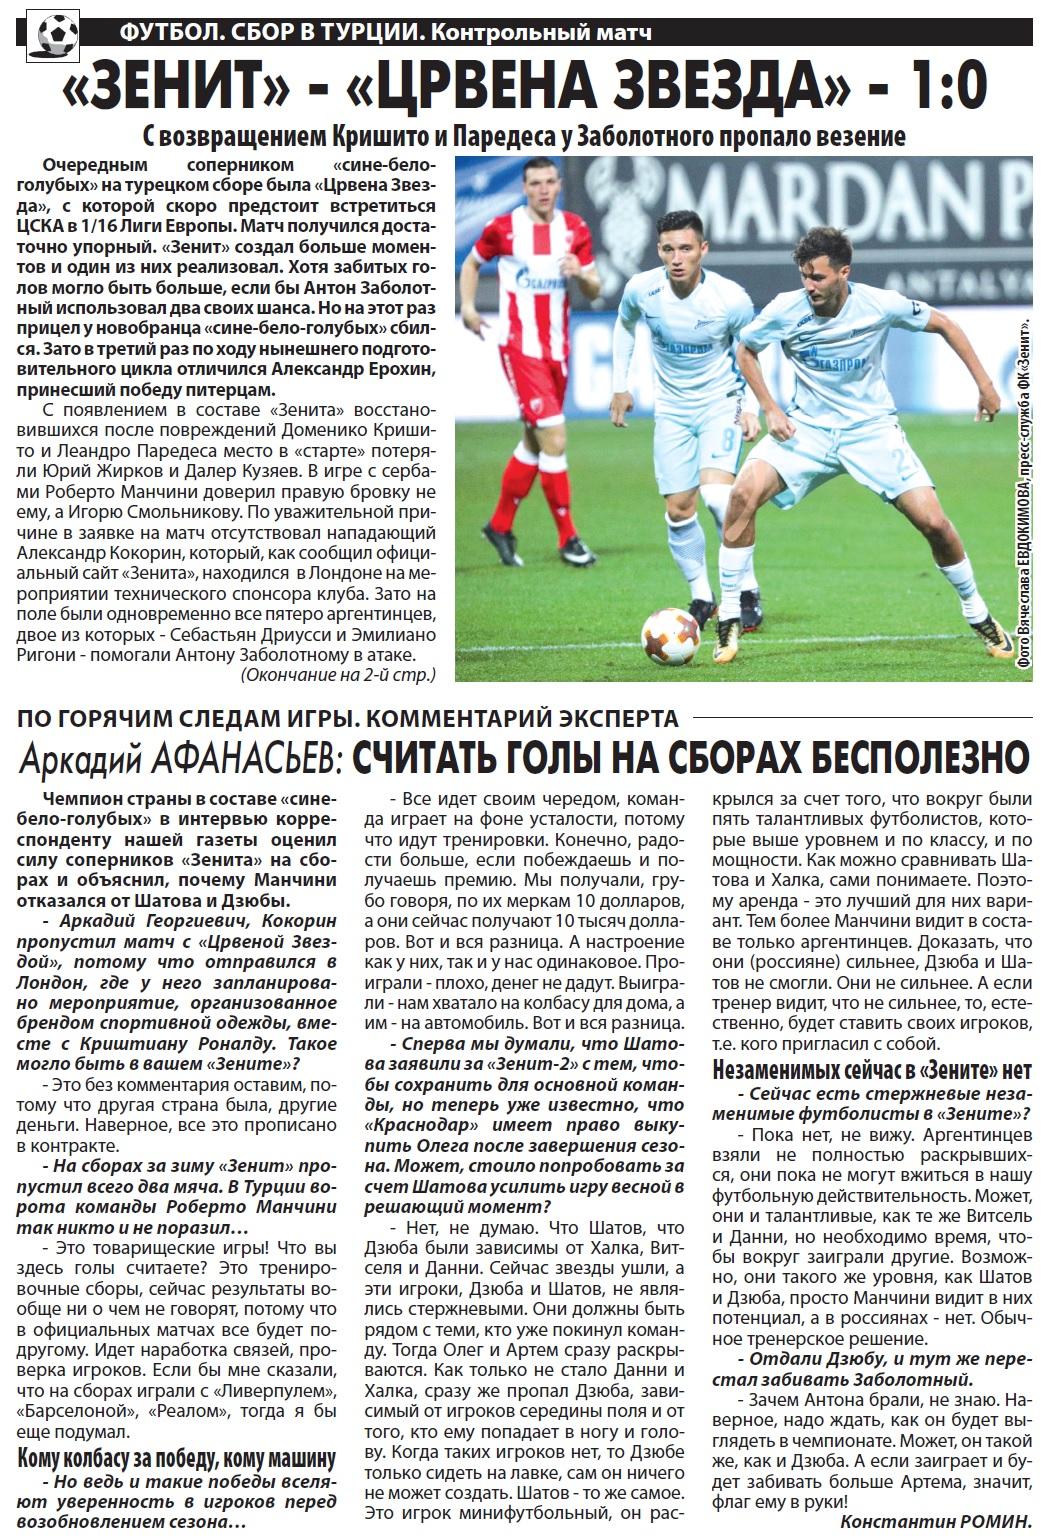 Зенит (Санкт-Петербург) - Црвена Звезда (Белград, Сербия) 1:0. Нажмите, чтобы посмотреть истинный размер рисунка